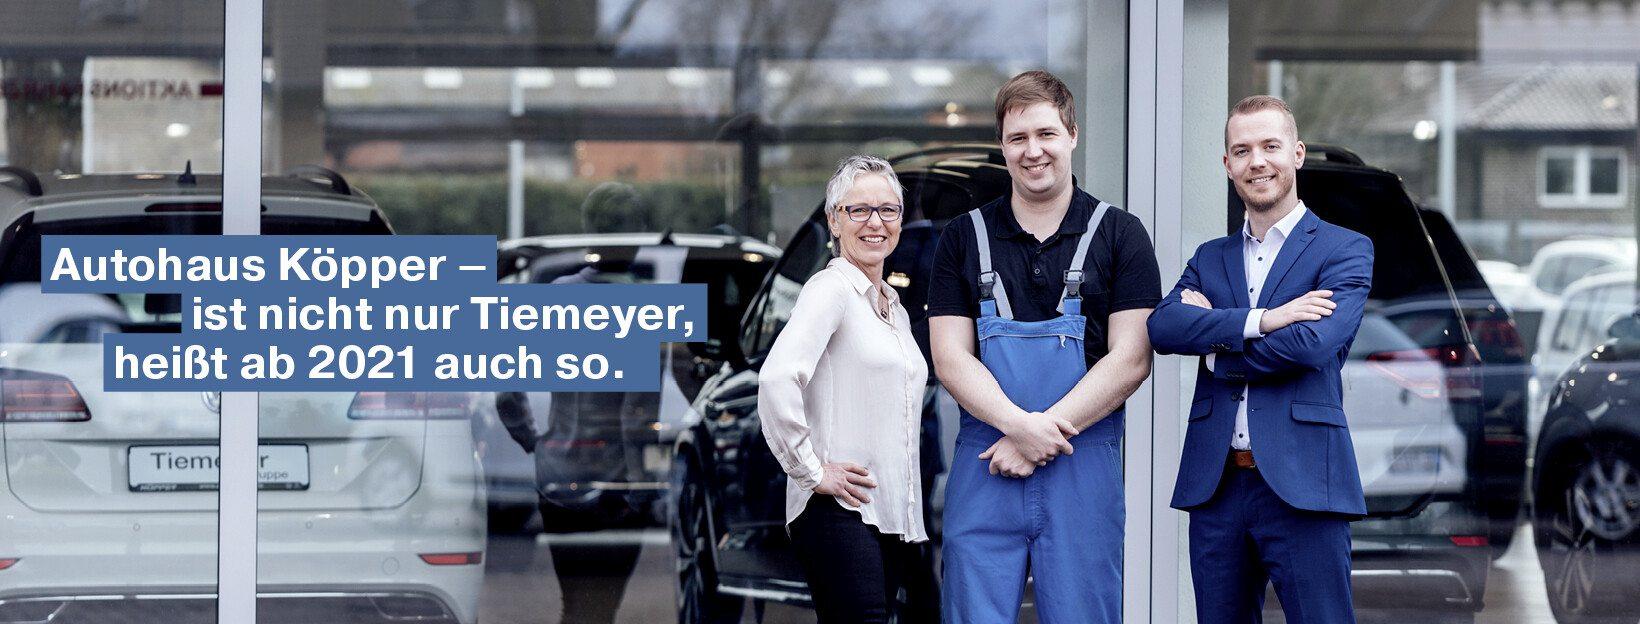 Tiemeyer Rent Standort Dorsten Audi